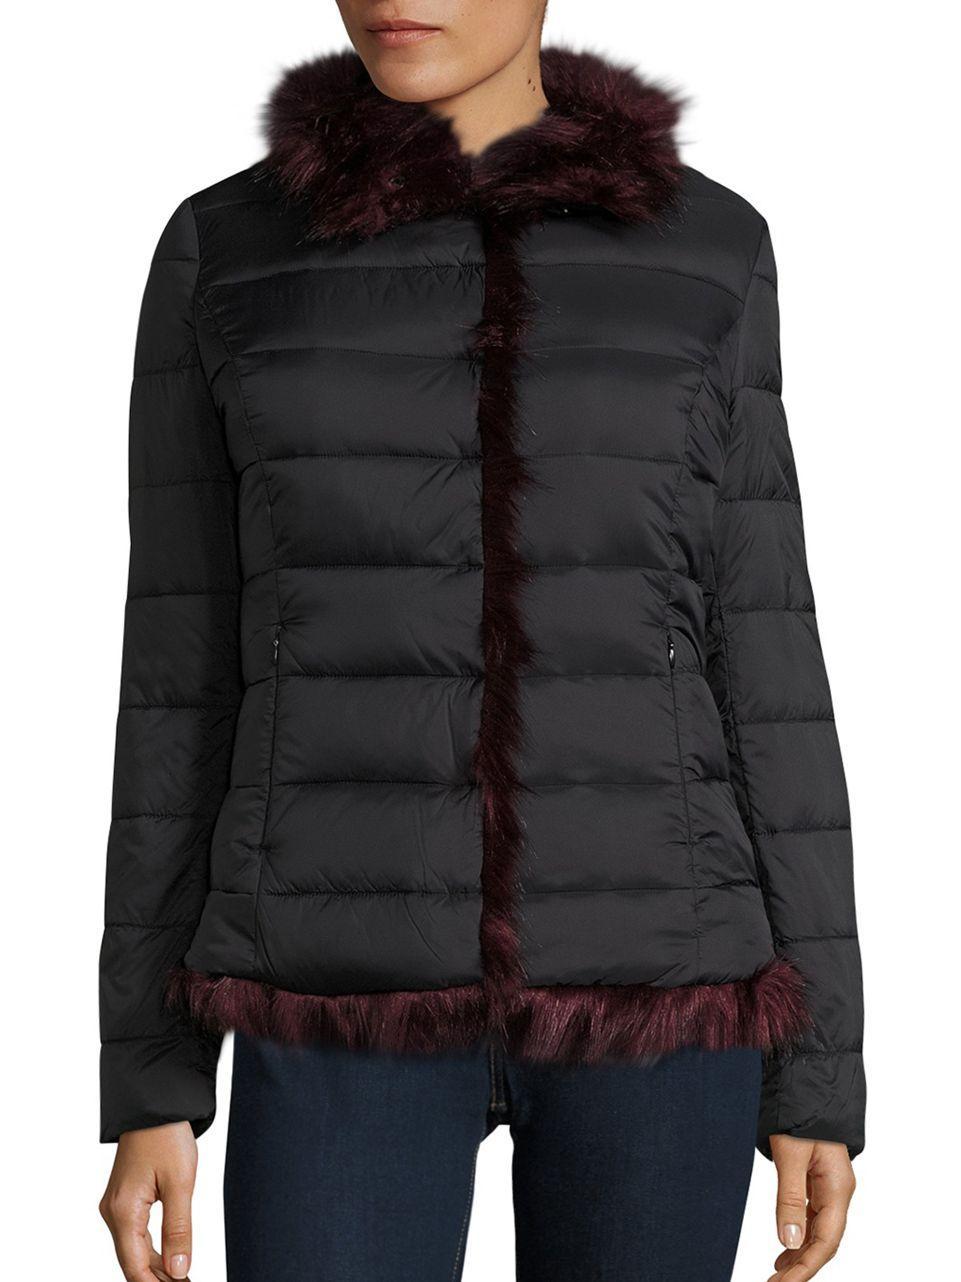 Betsey Johnson Faux Fur Puffer Jacket In Black Lyst